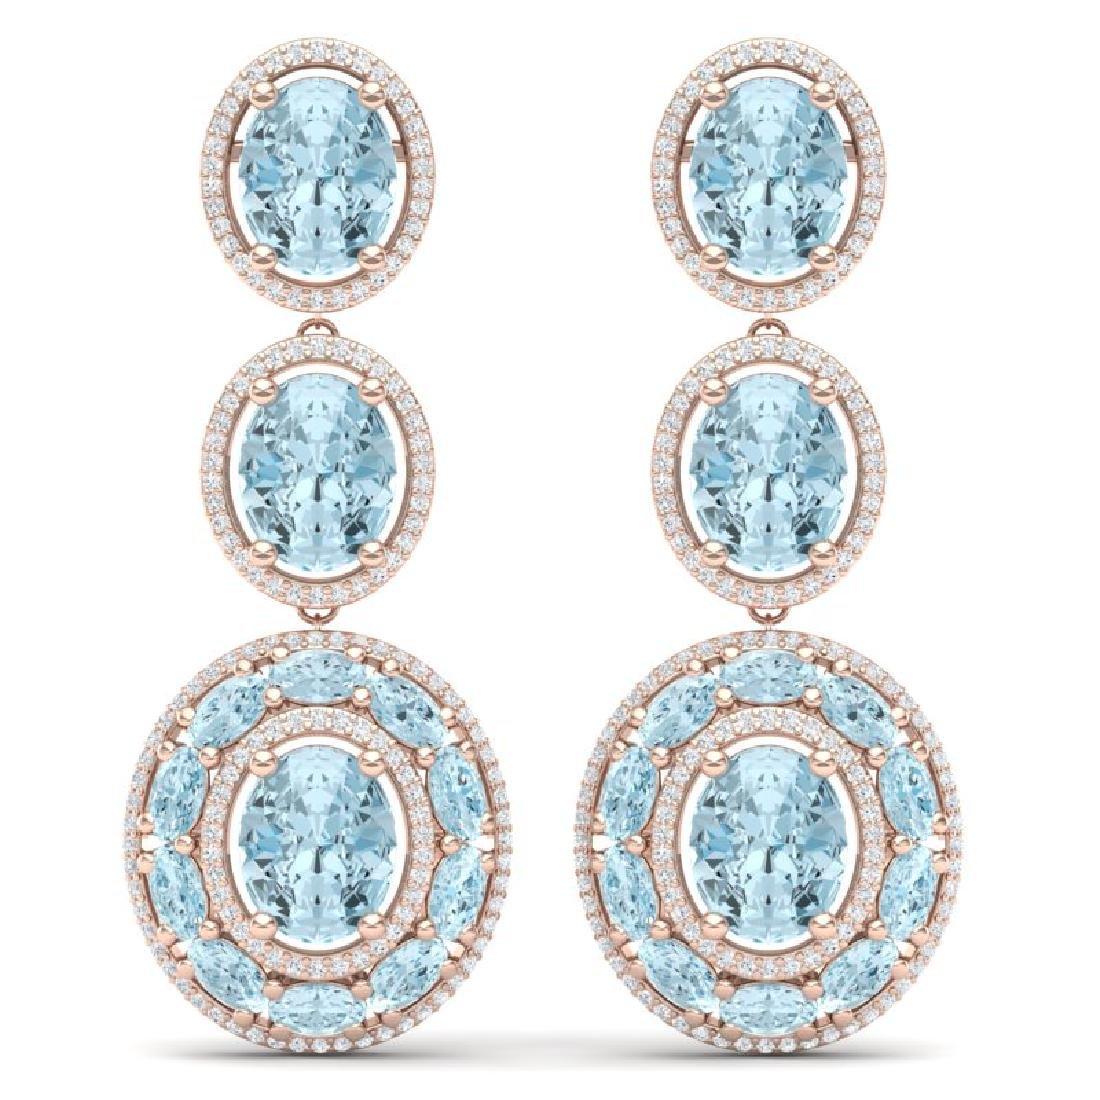 34.52 CTW Royalty Sky Topaz & VS Diamond Earrings 18K